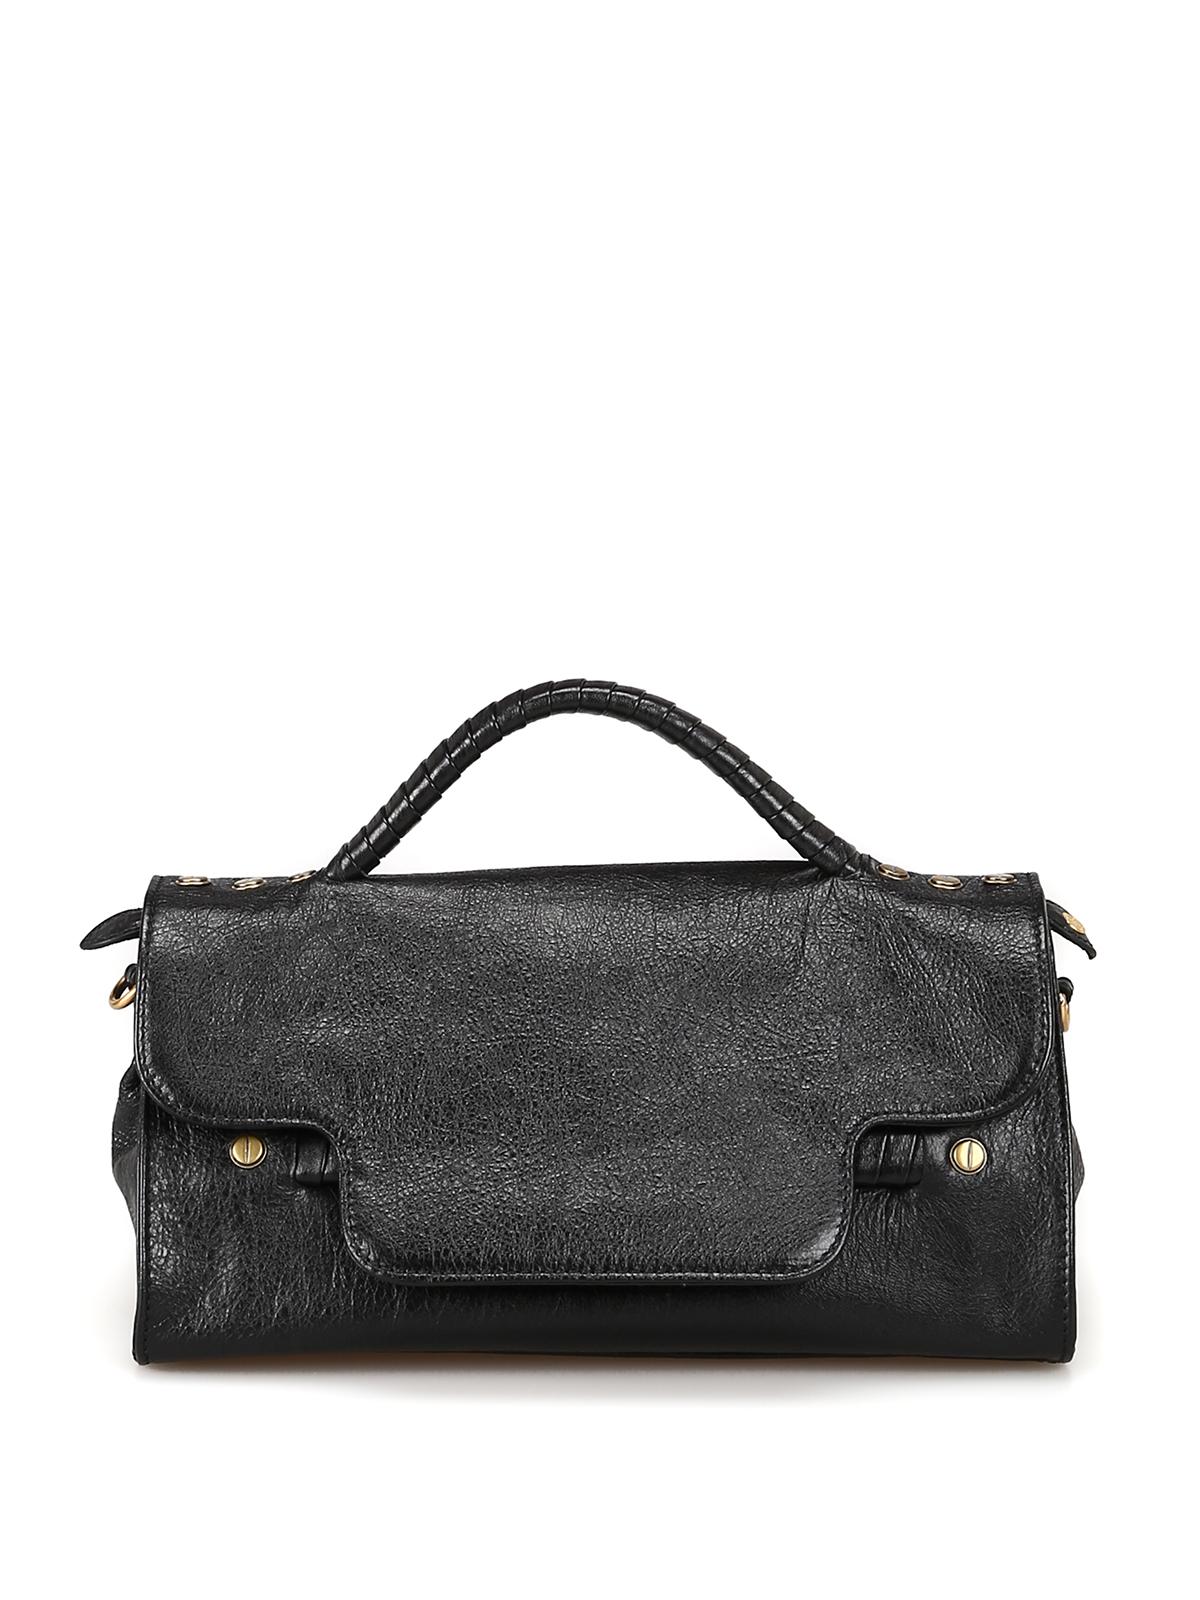 Zanellato Nina S Lustro Bag In Black